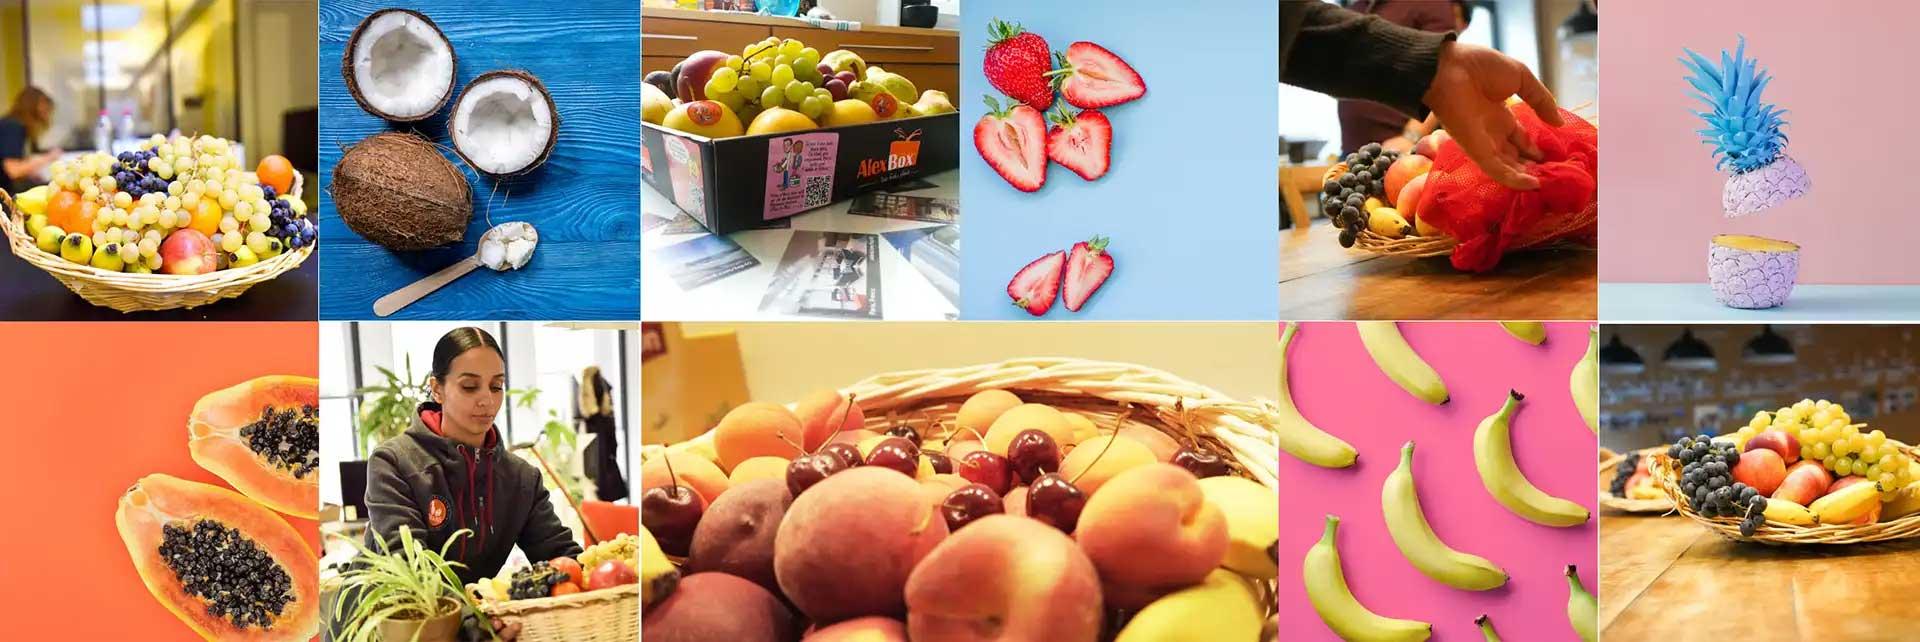 Service de livraison de corbeilles de fruits au bureau pour les entreprises à Paris